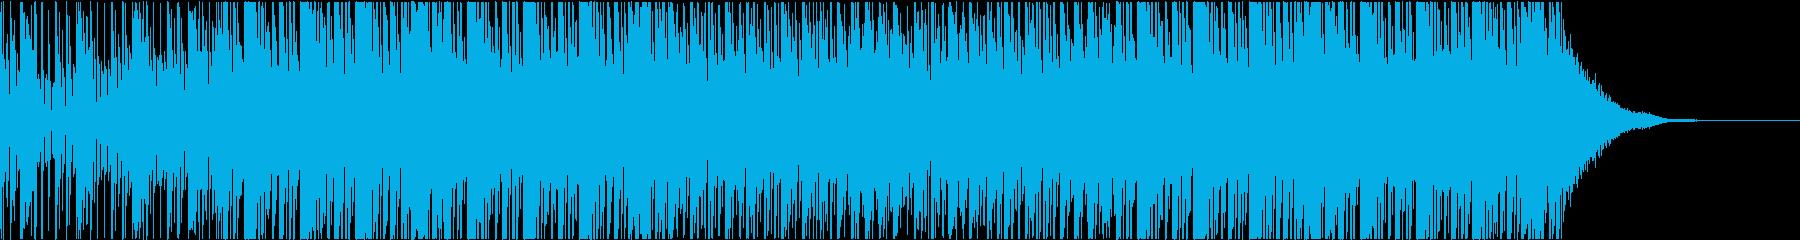 和風 オリエンタル R&B 琴 日本の再生済みの波形